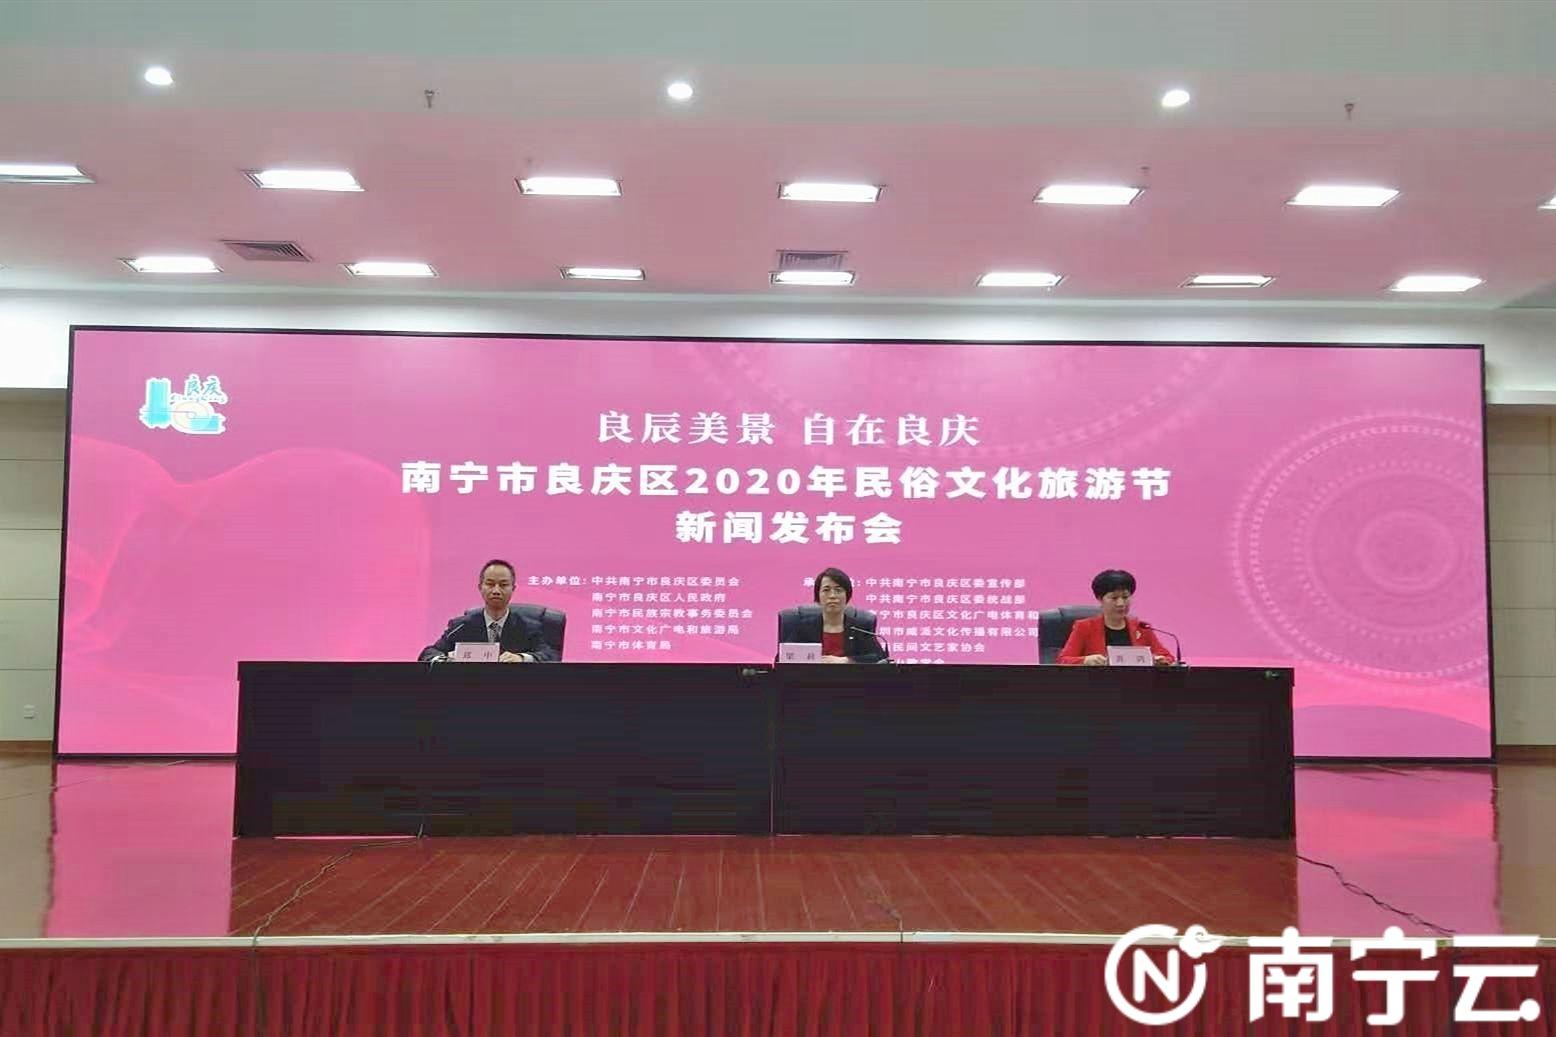 """良庆区2020年民俗文化旅游节系列亮点活动发布 展现文旅融合""""良辰美景"""""""